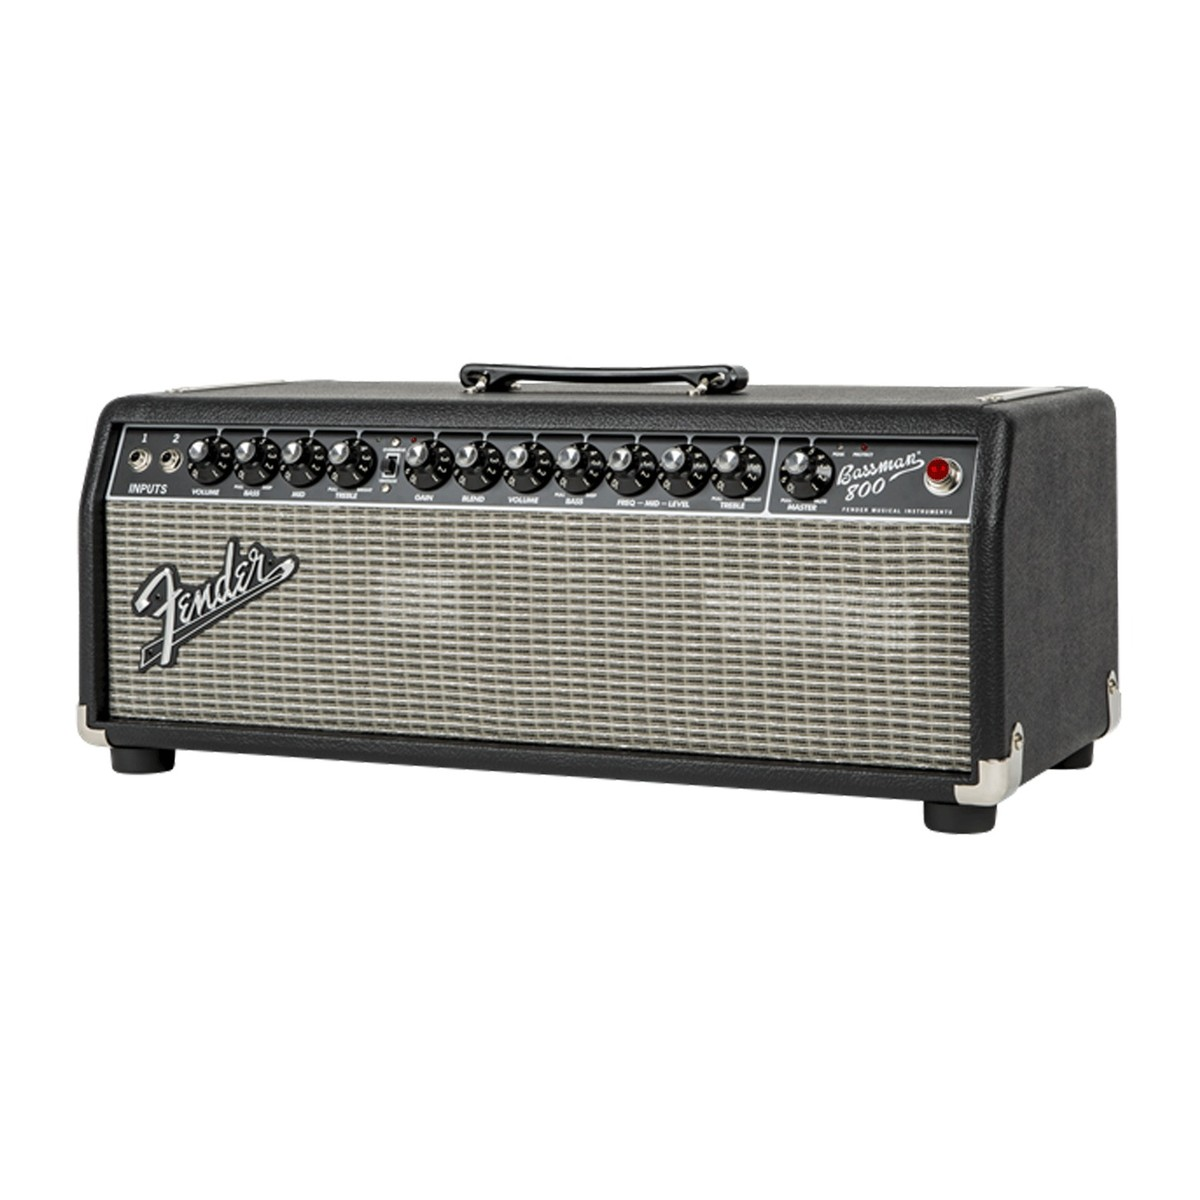 Fender Bassman 800 Pro Hybrid Bass Amp Head bei Gear4music